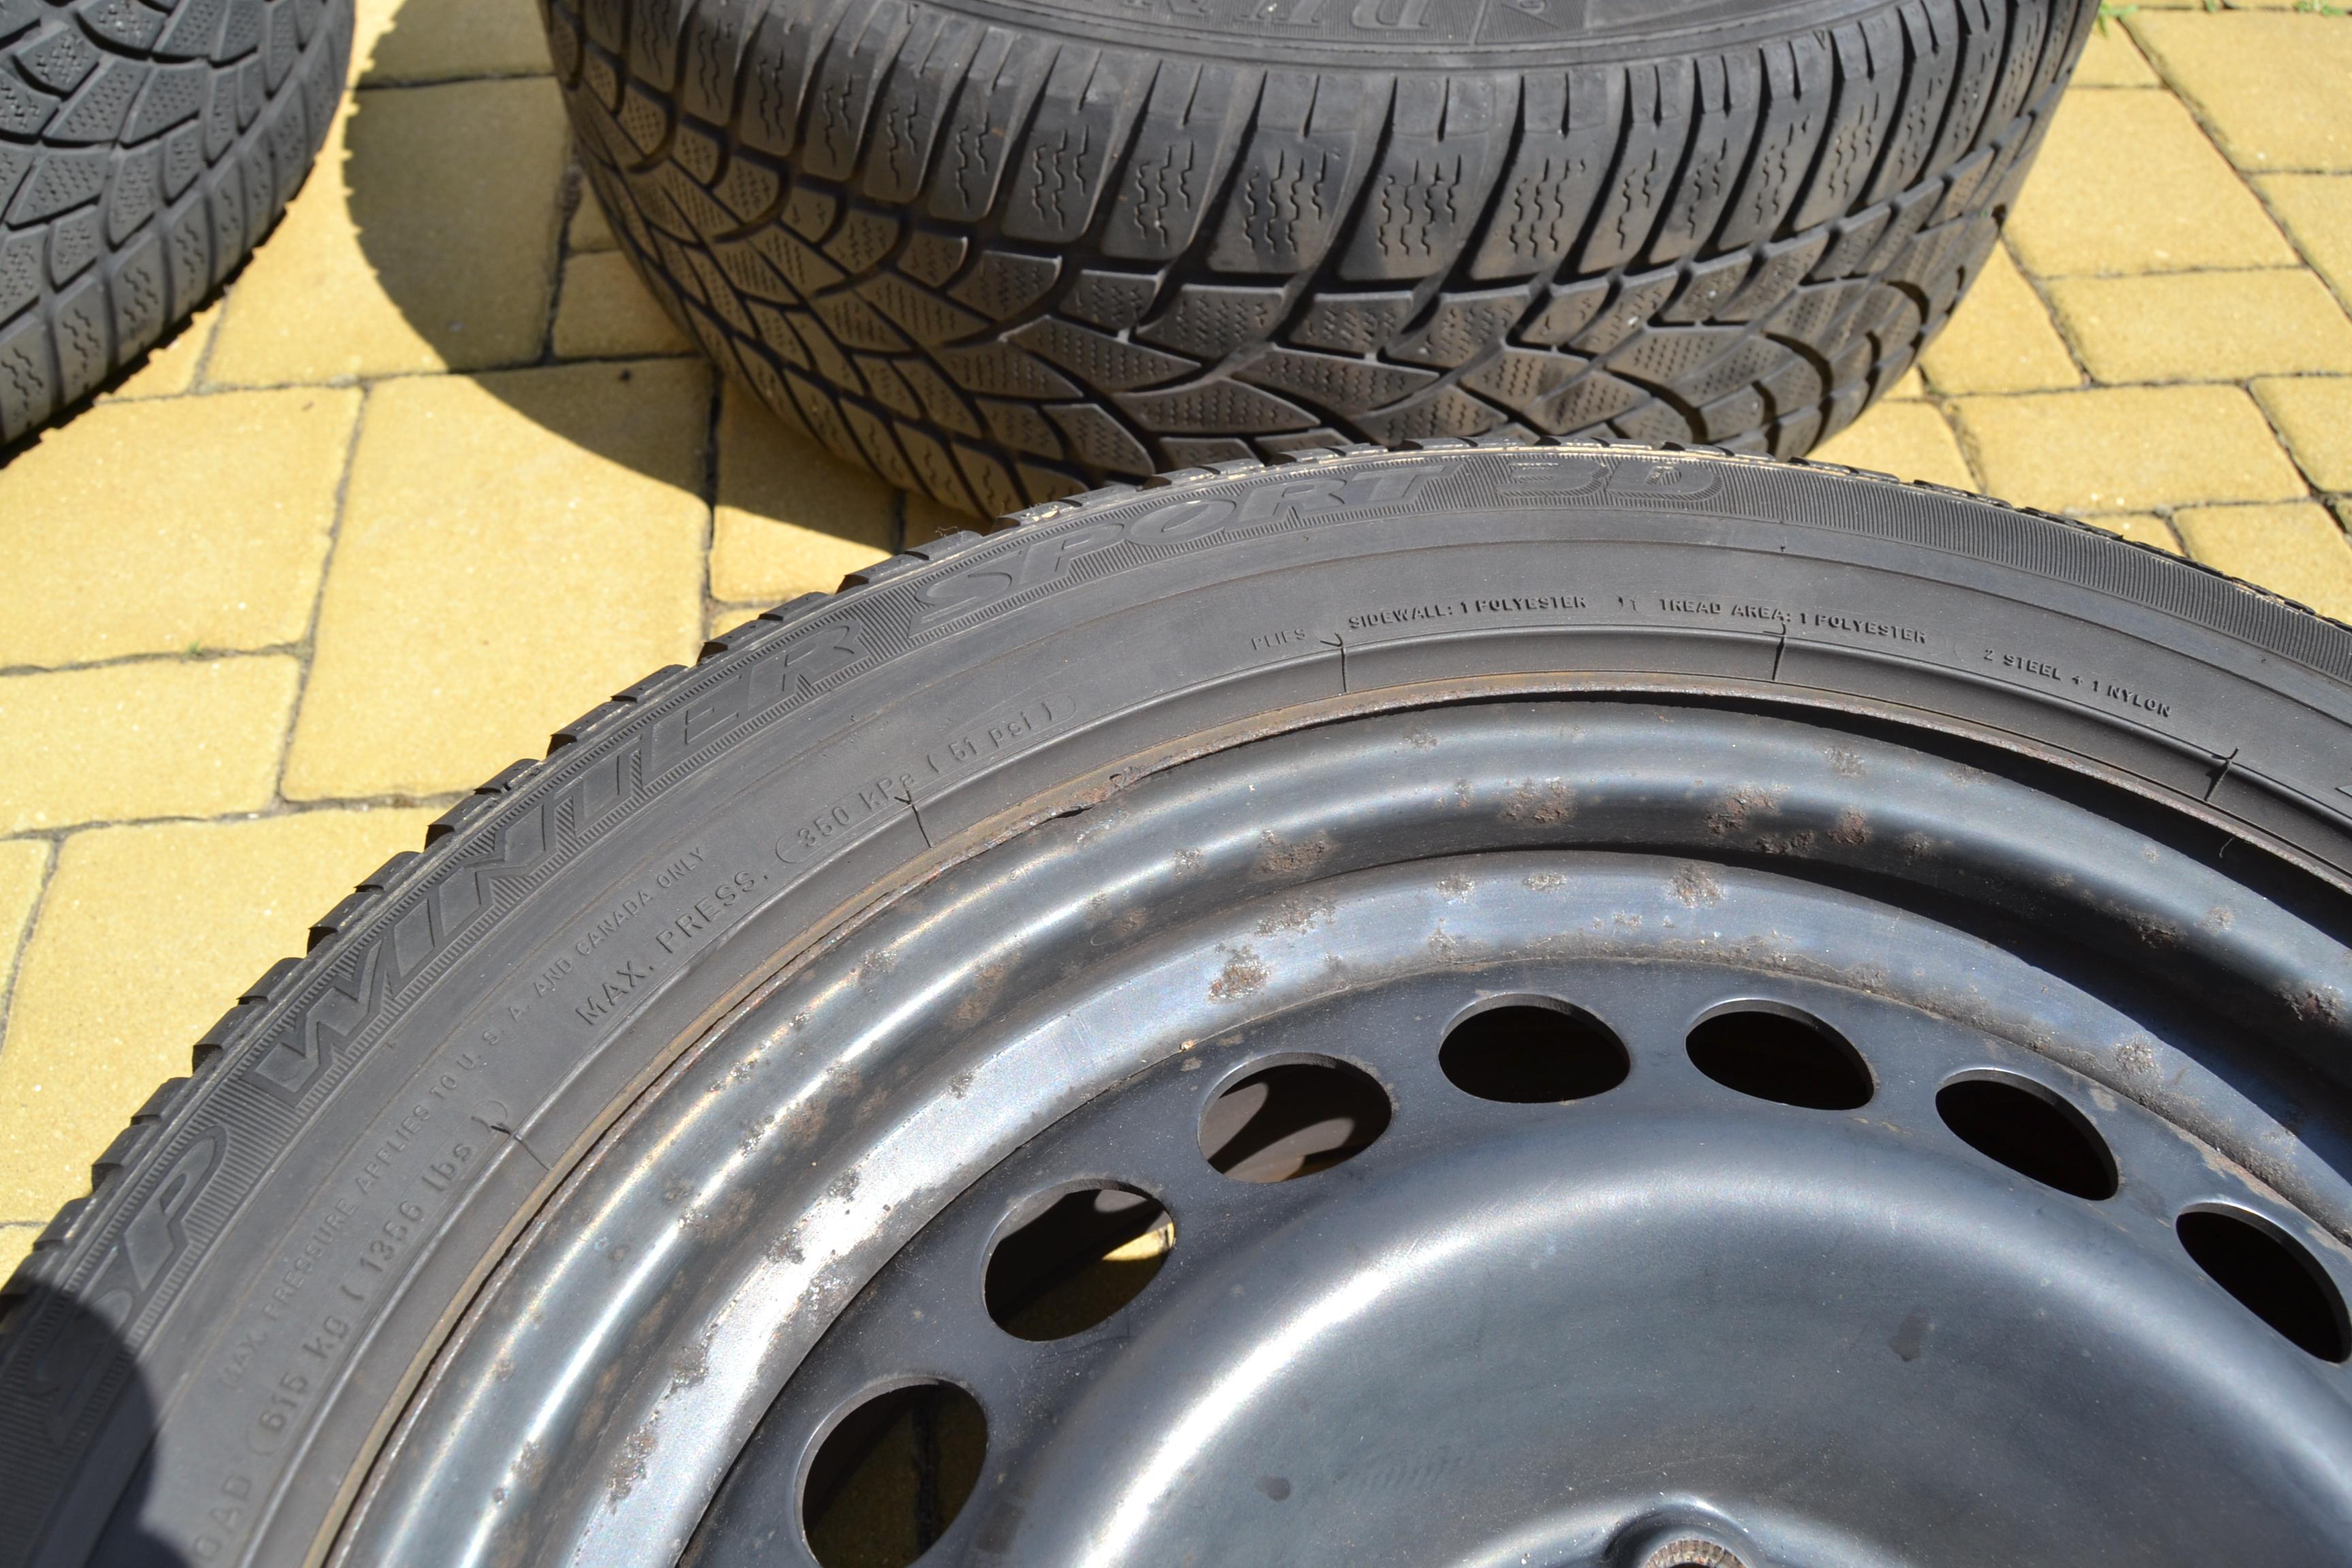 dunlop winter sport 3d 205 55 r16 pneu s disky angelicaaudio 1990